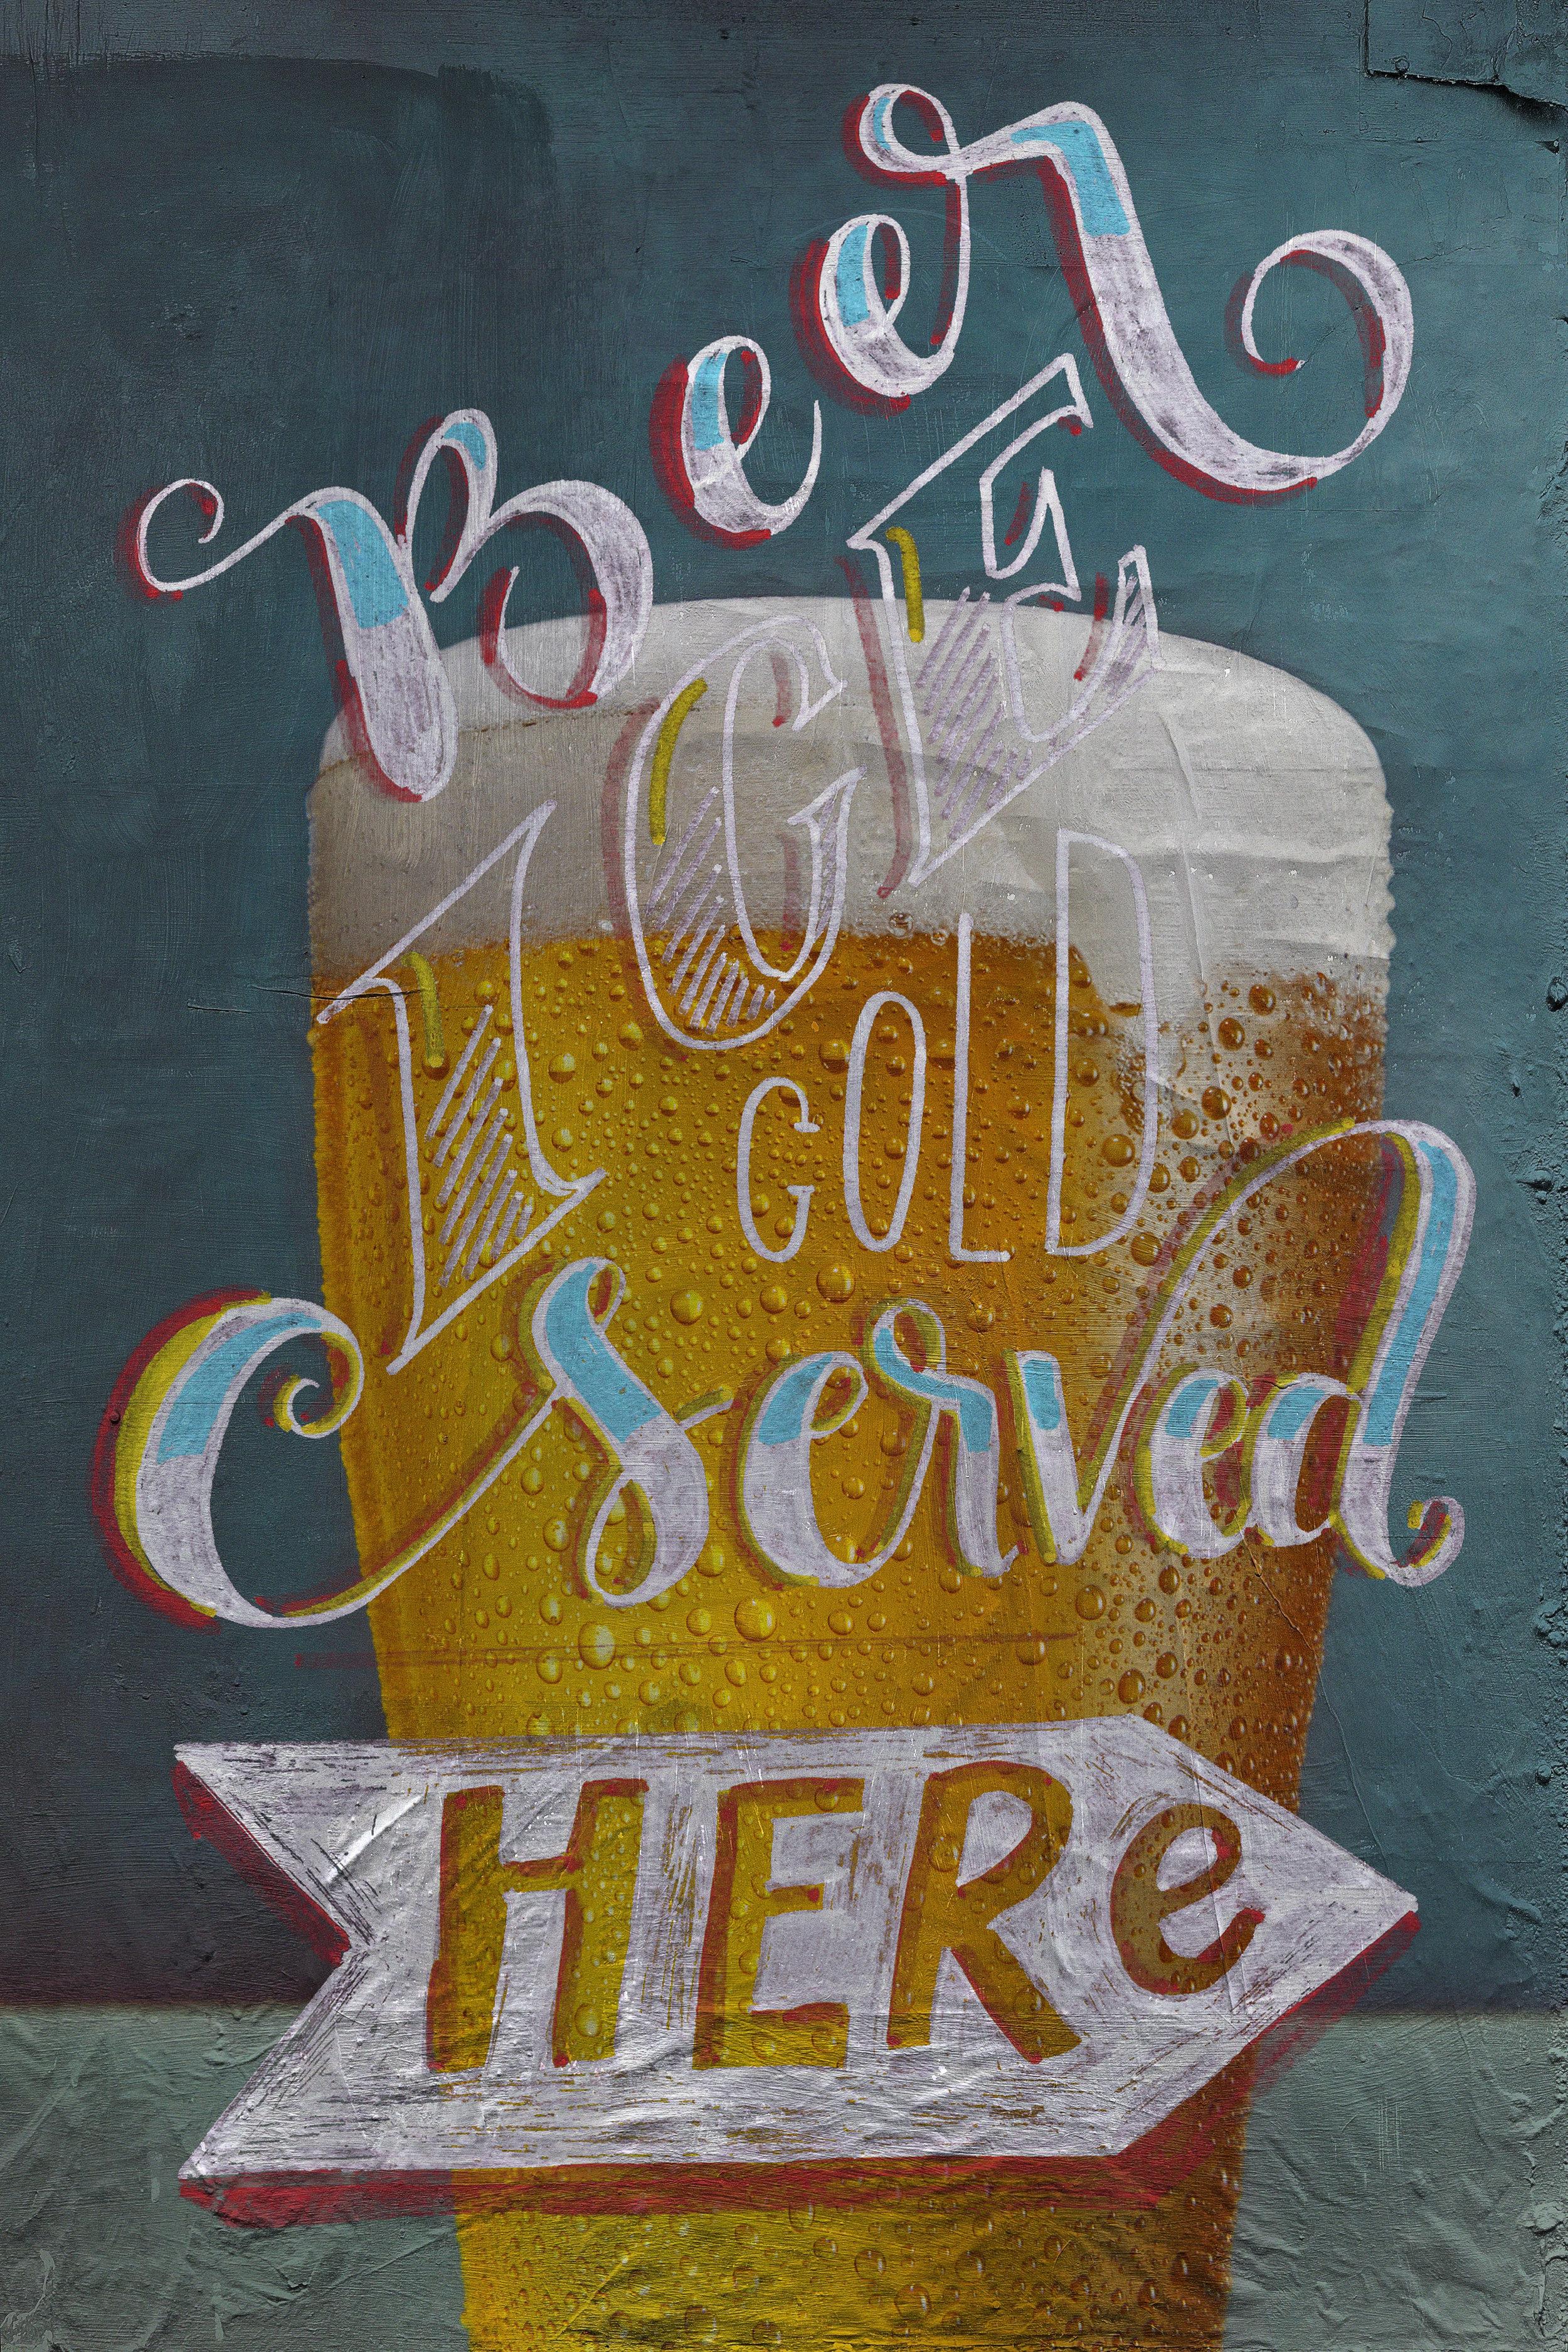 Beer_3000.jpg